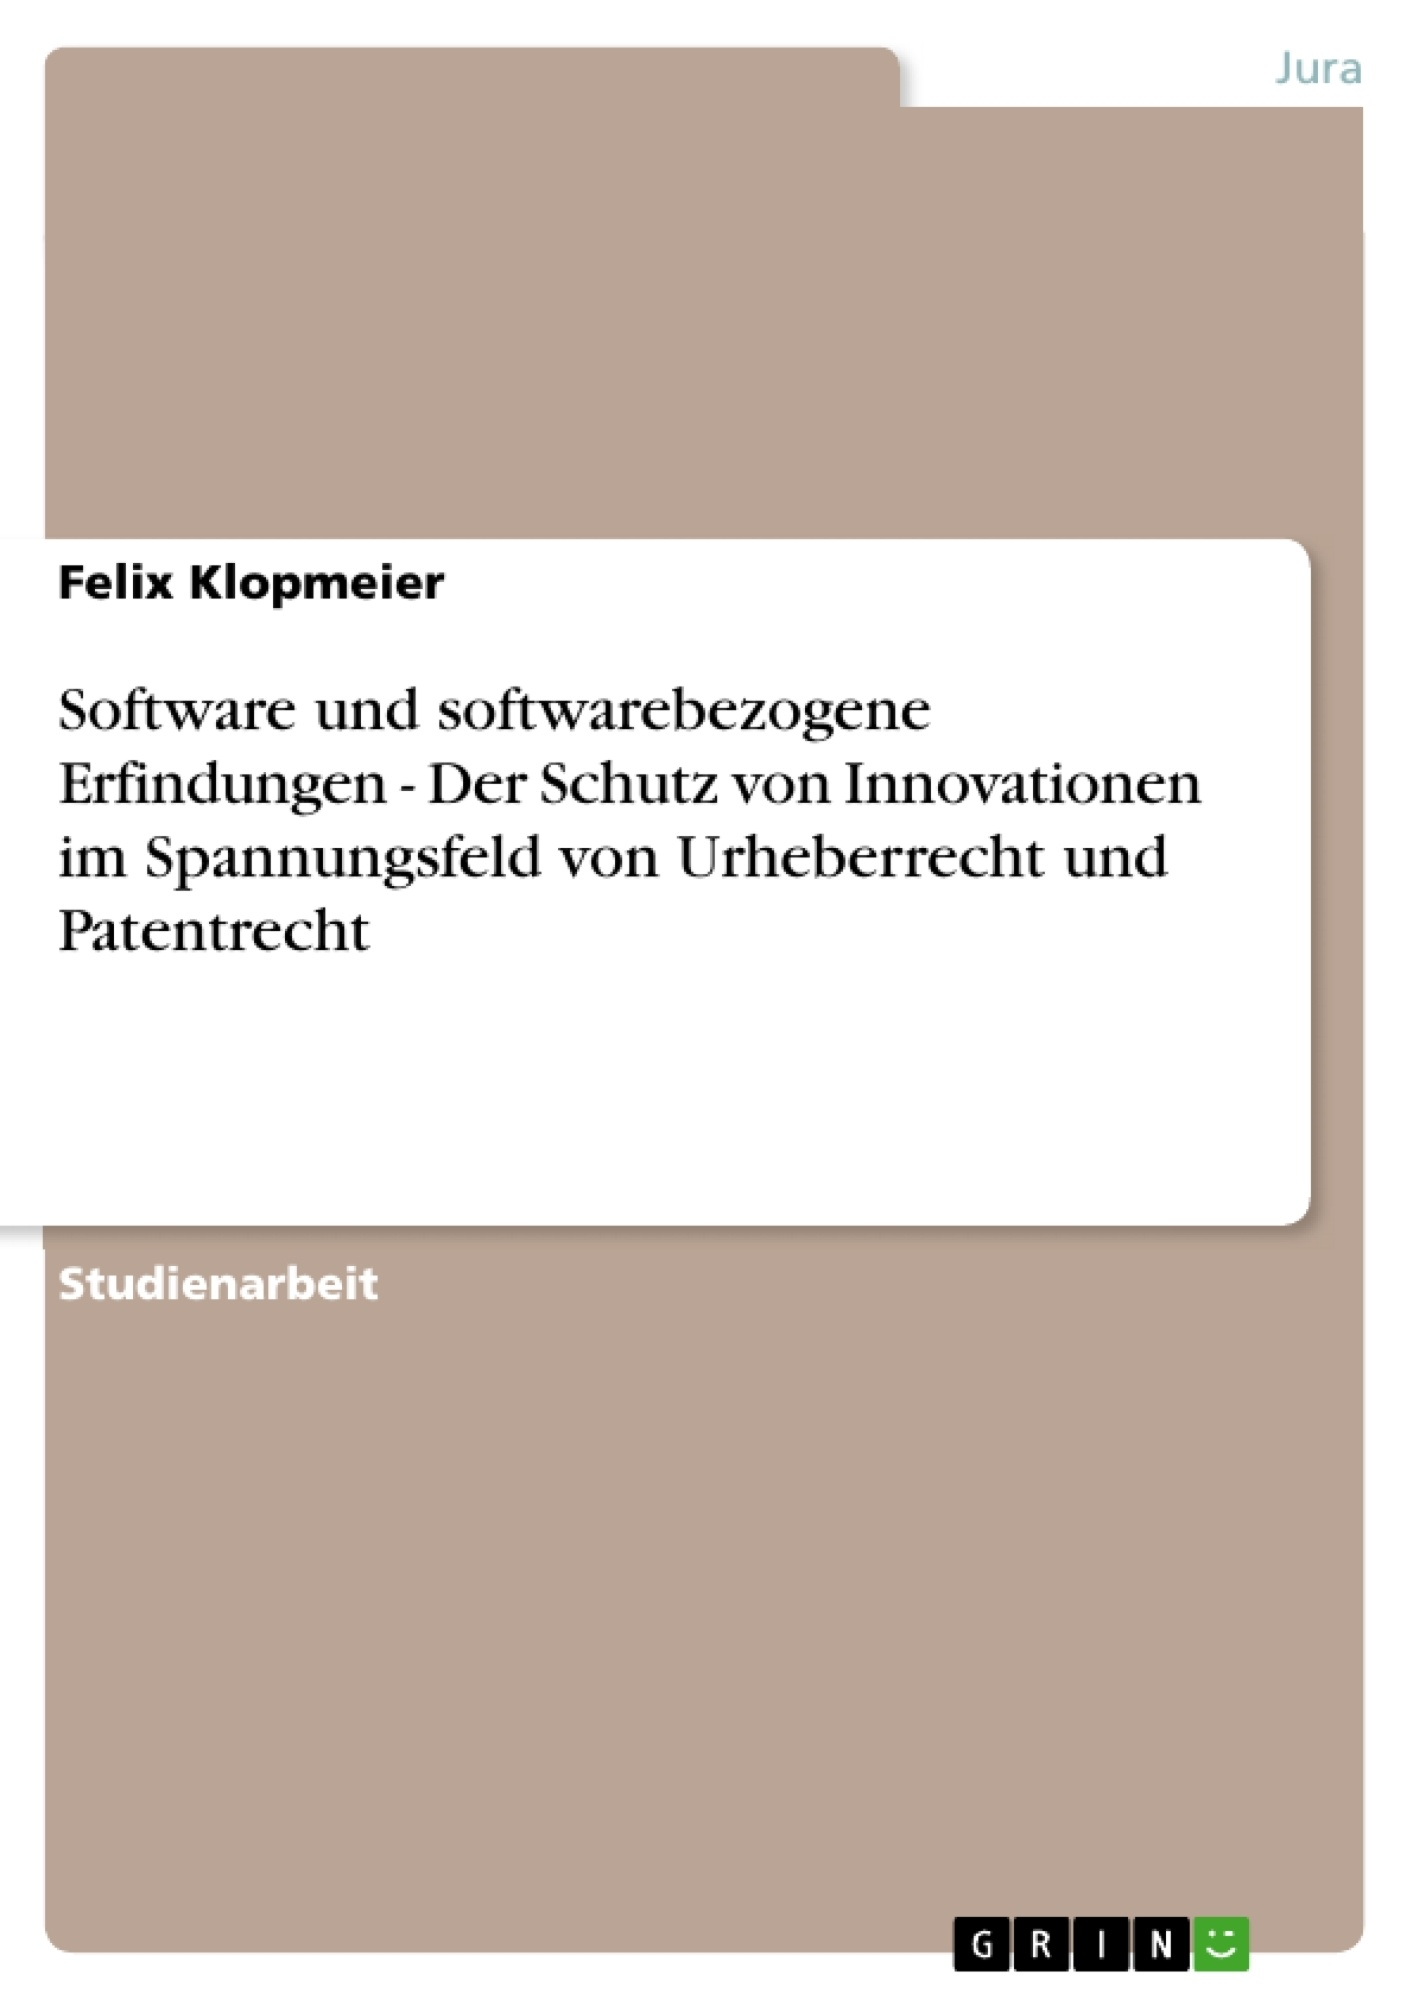 Titel: Software und softwarebezogene Erfindungen - Der Schutz von Innovationen im Spannungsfeld von Urheberrecht und Patentrecht